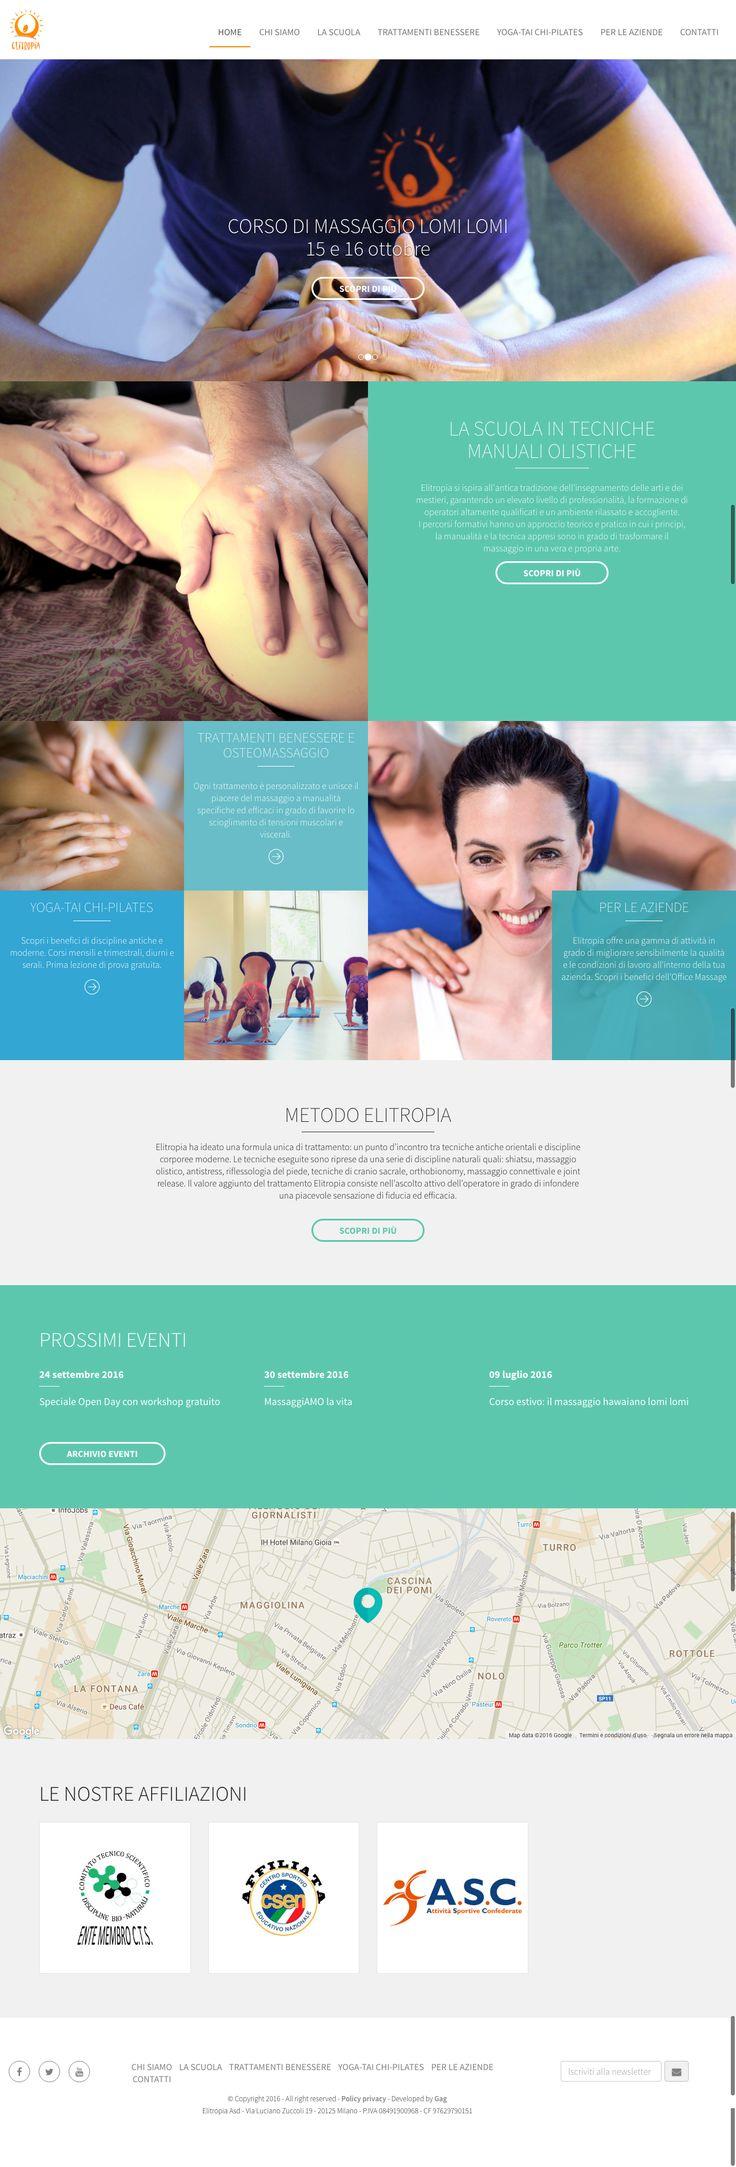 Elitropia propone la prima Scuola del Massaggio: un percorso formativo integrato, completo e diretto per chi desidera imparare e diventare un massaggiatore.